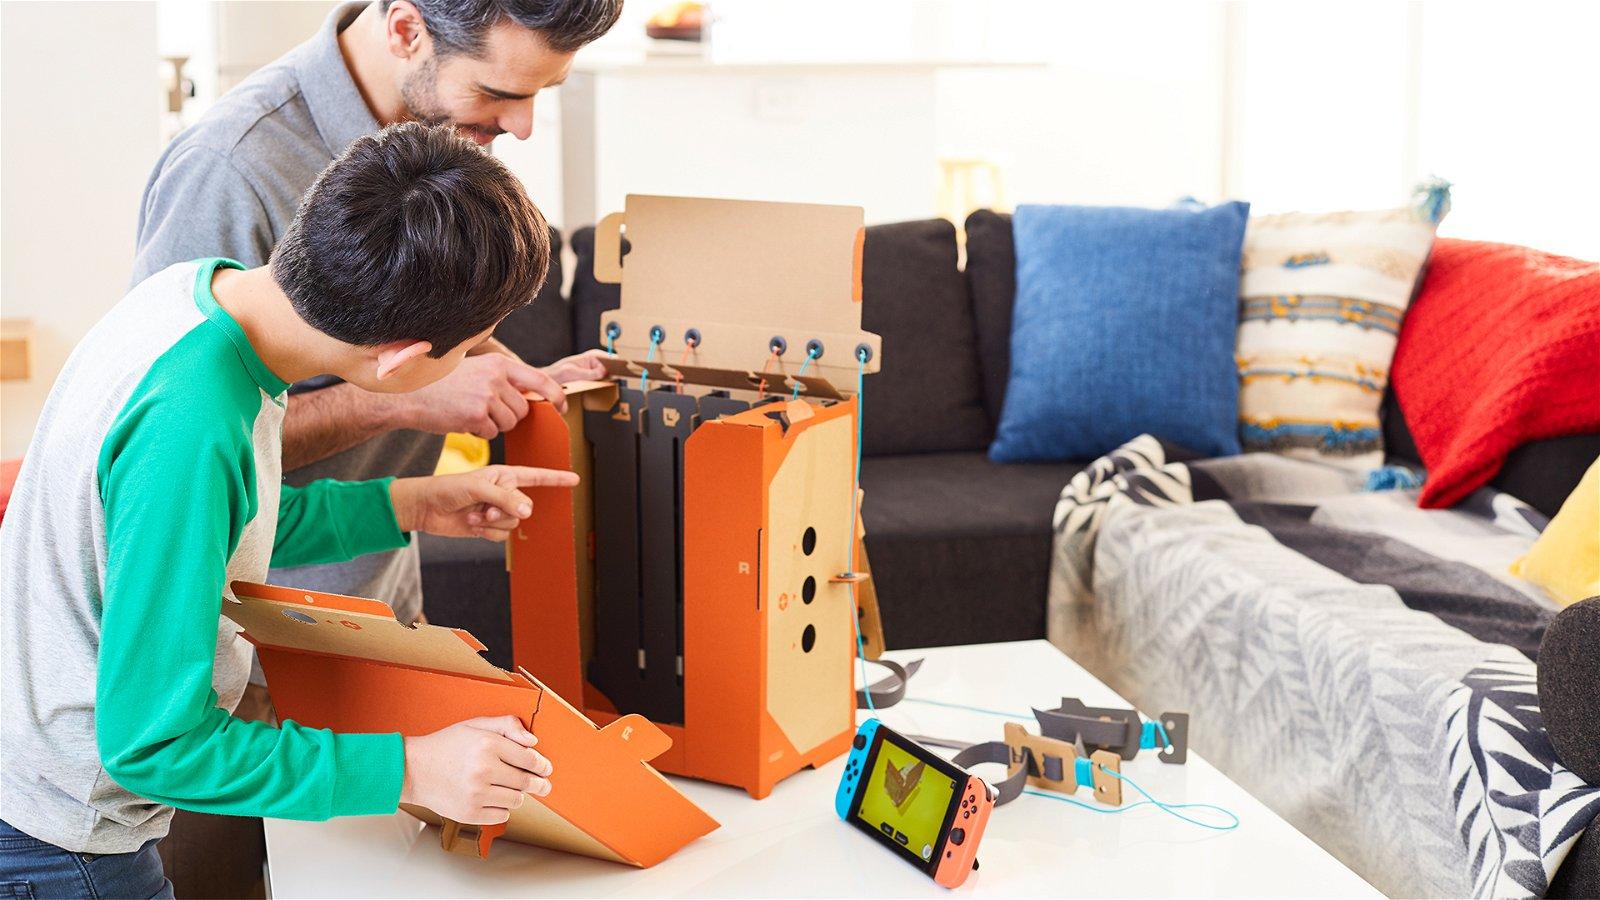 Nintendo Labo Robot Kit (Switch) Review 2